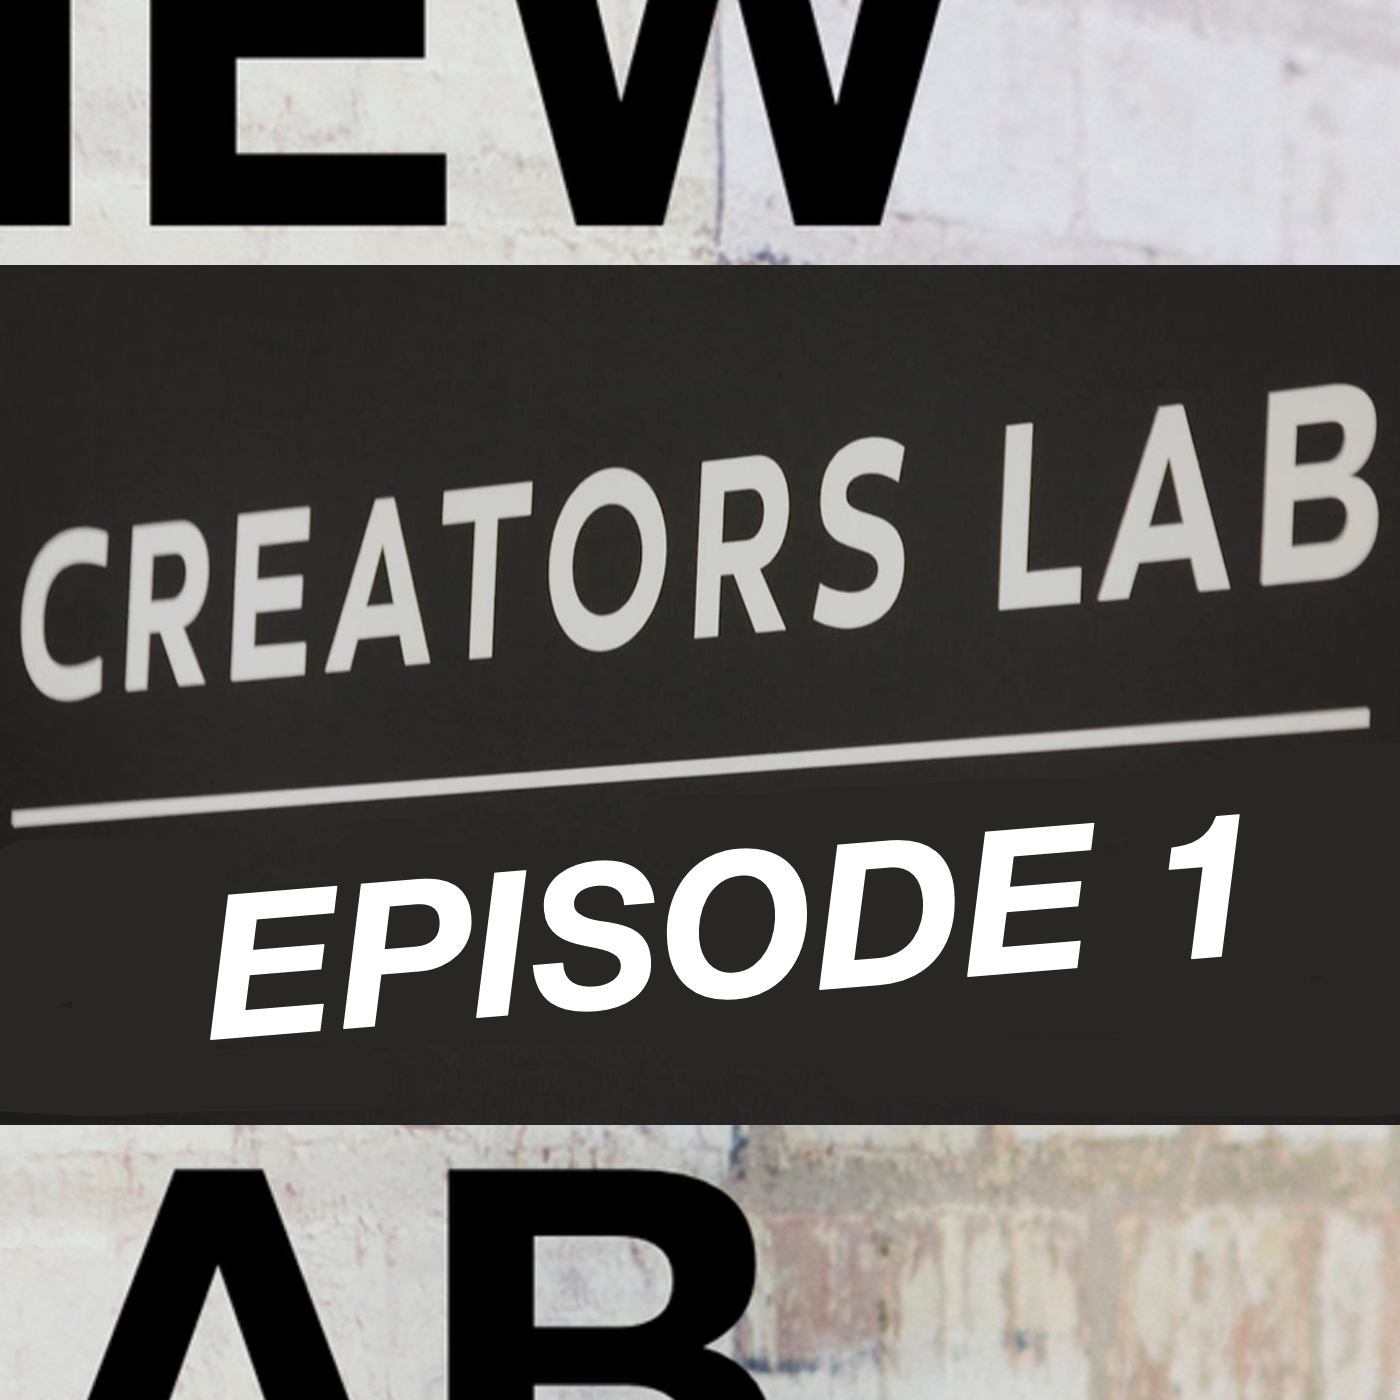 Creators Lab: Descriptions, Subtitles, and Keywords